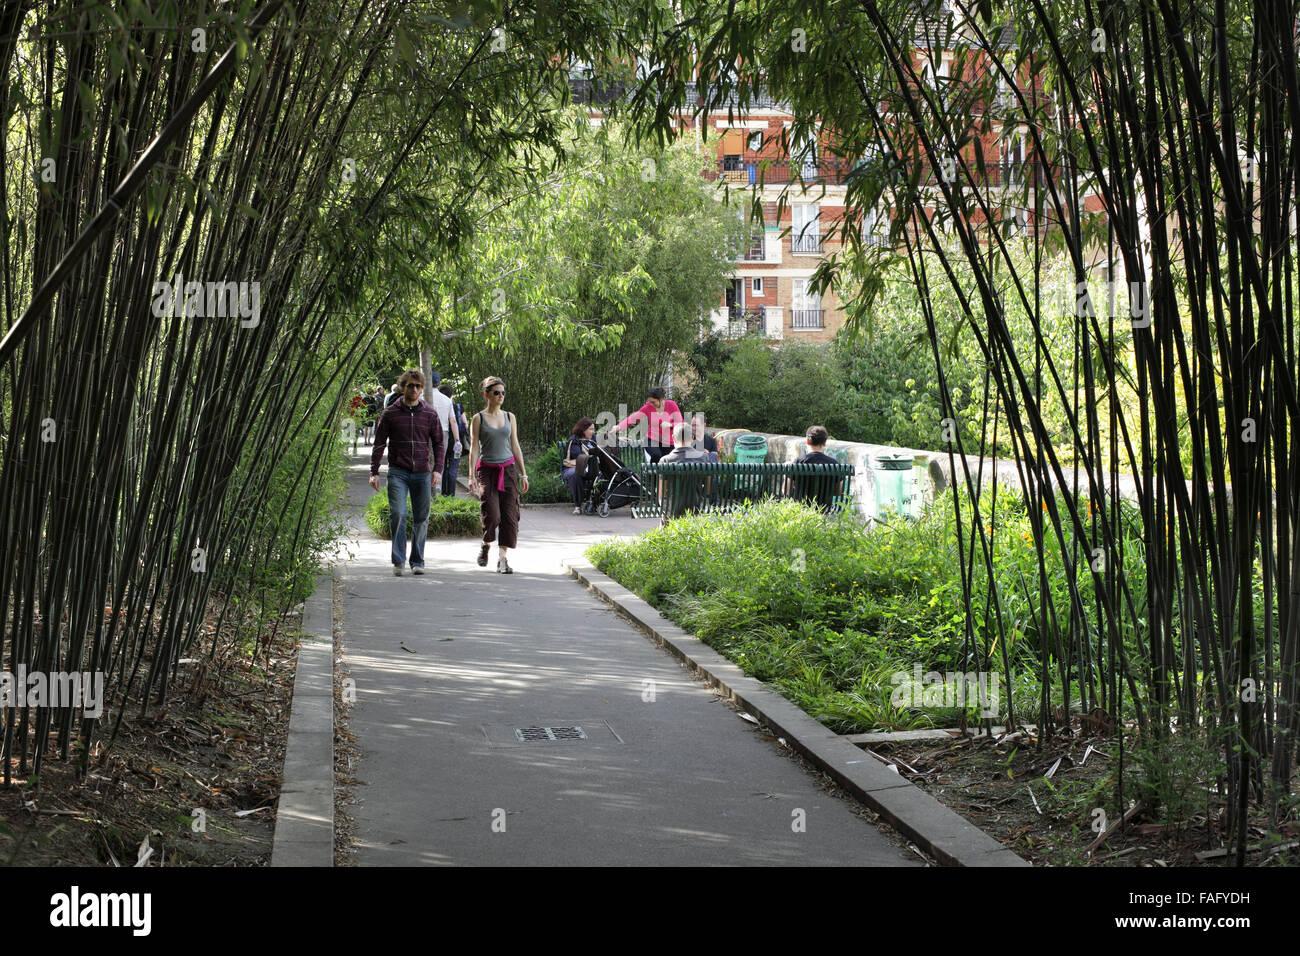 Bambú en el Paseo plantee, París. (Una línea de ferrocarril en desuso se convirtió en un paisaje ruta a pie). Foto de stock